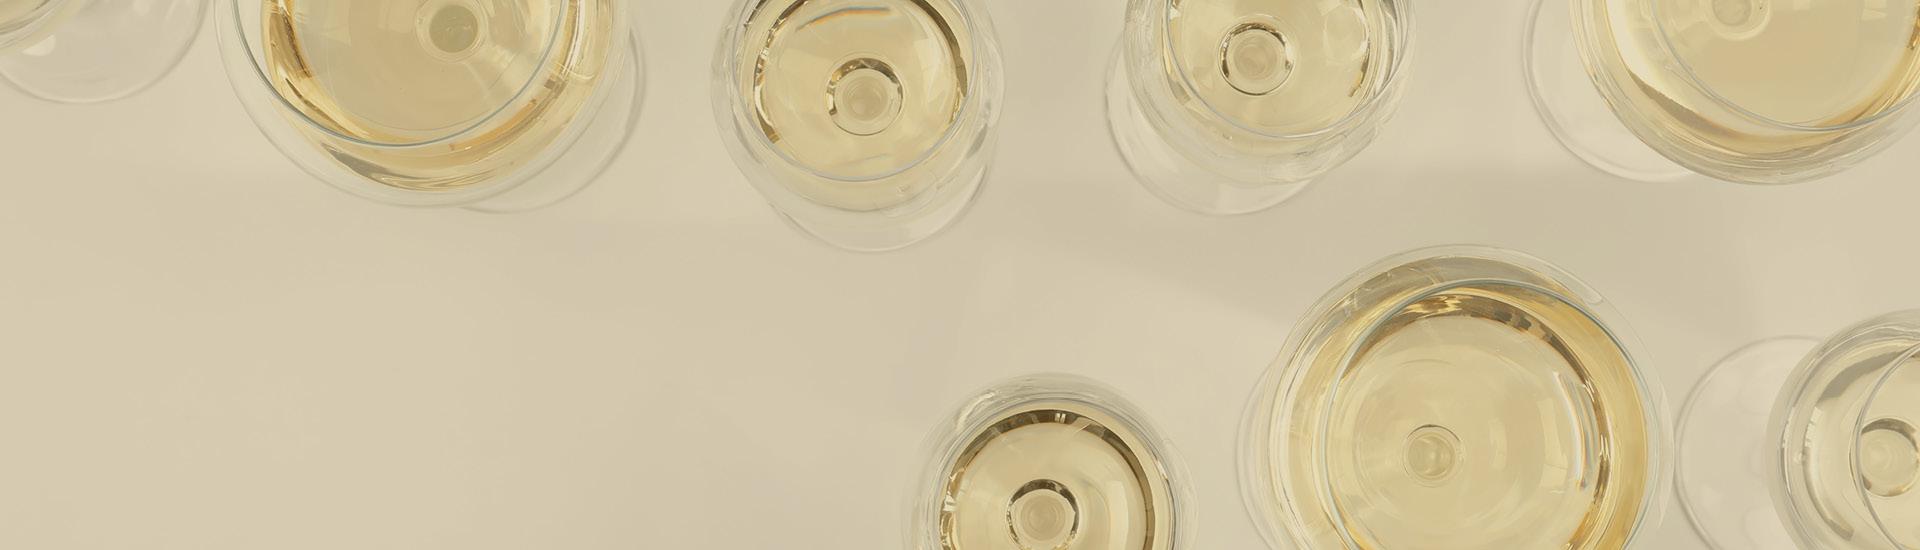 Zwei Riedel Gläser 'Riesling' GRATIS ab einem Bestellwert von 299,-! 09/2021 - Slider